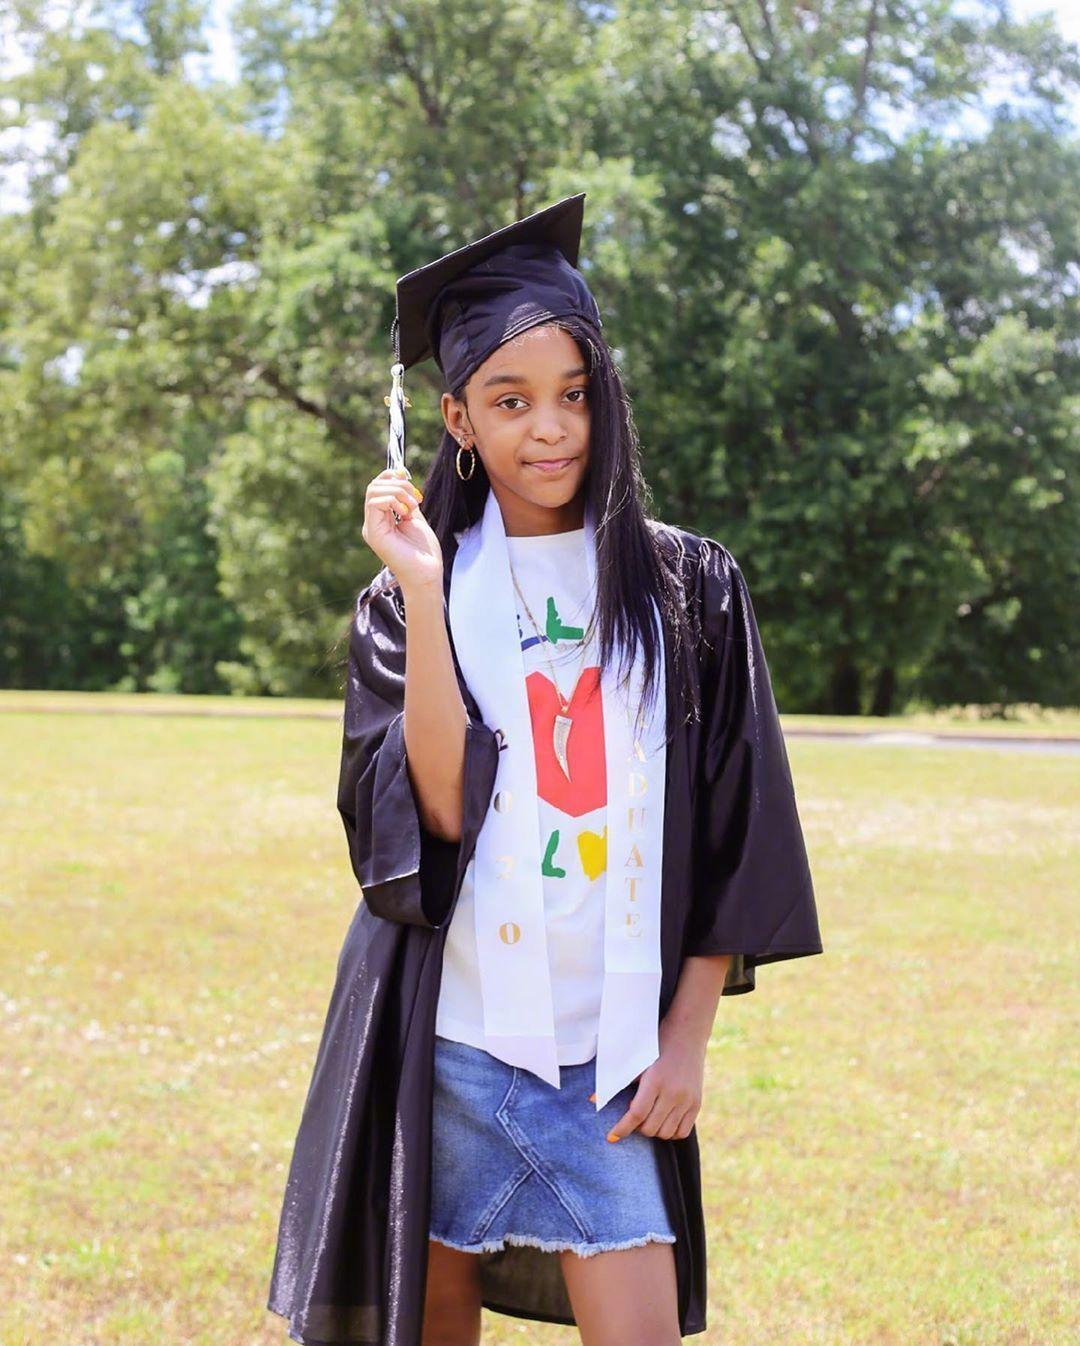 史蒂芬森:很高兴我的宝贝女儿都长这么大了,六年级毕业了